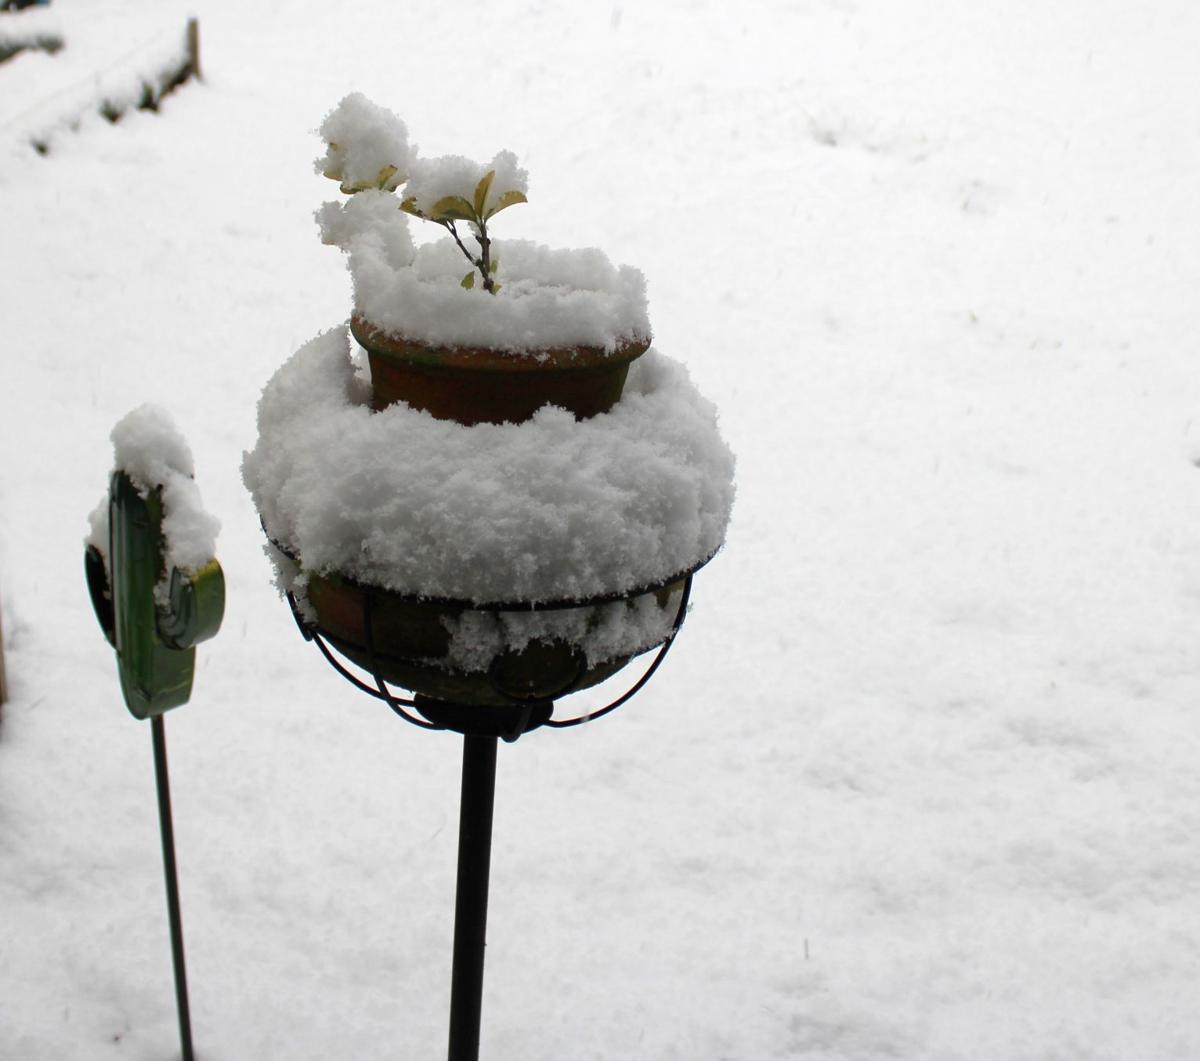 Feb. 8, 2020 snow